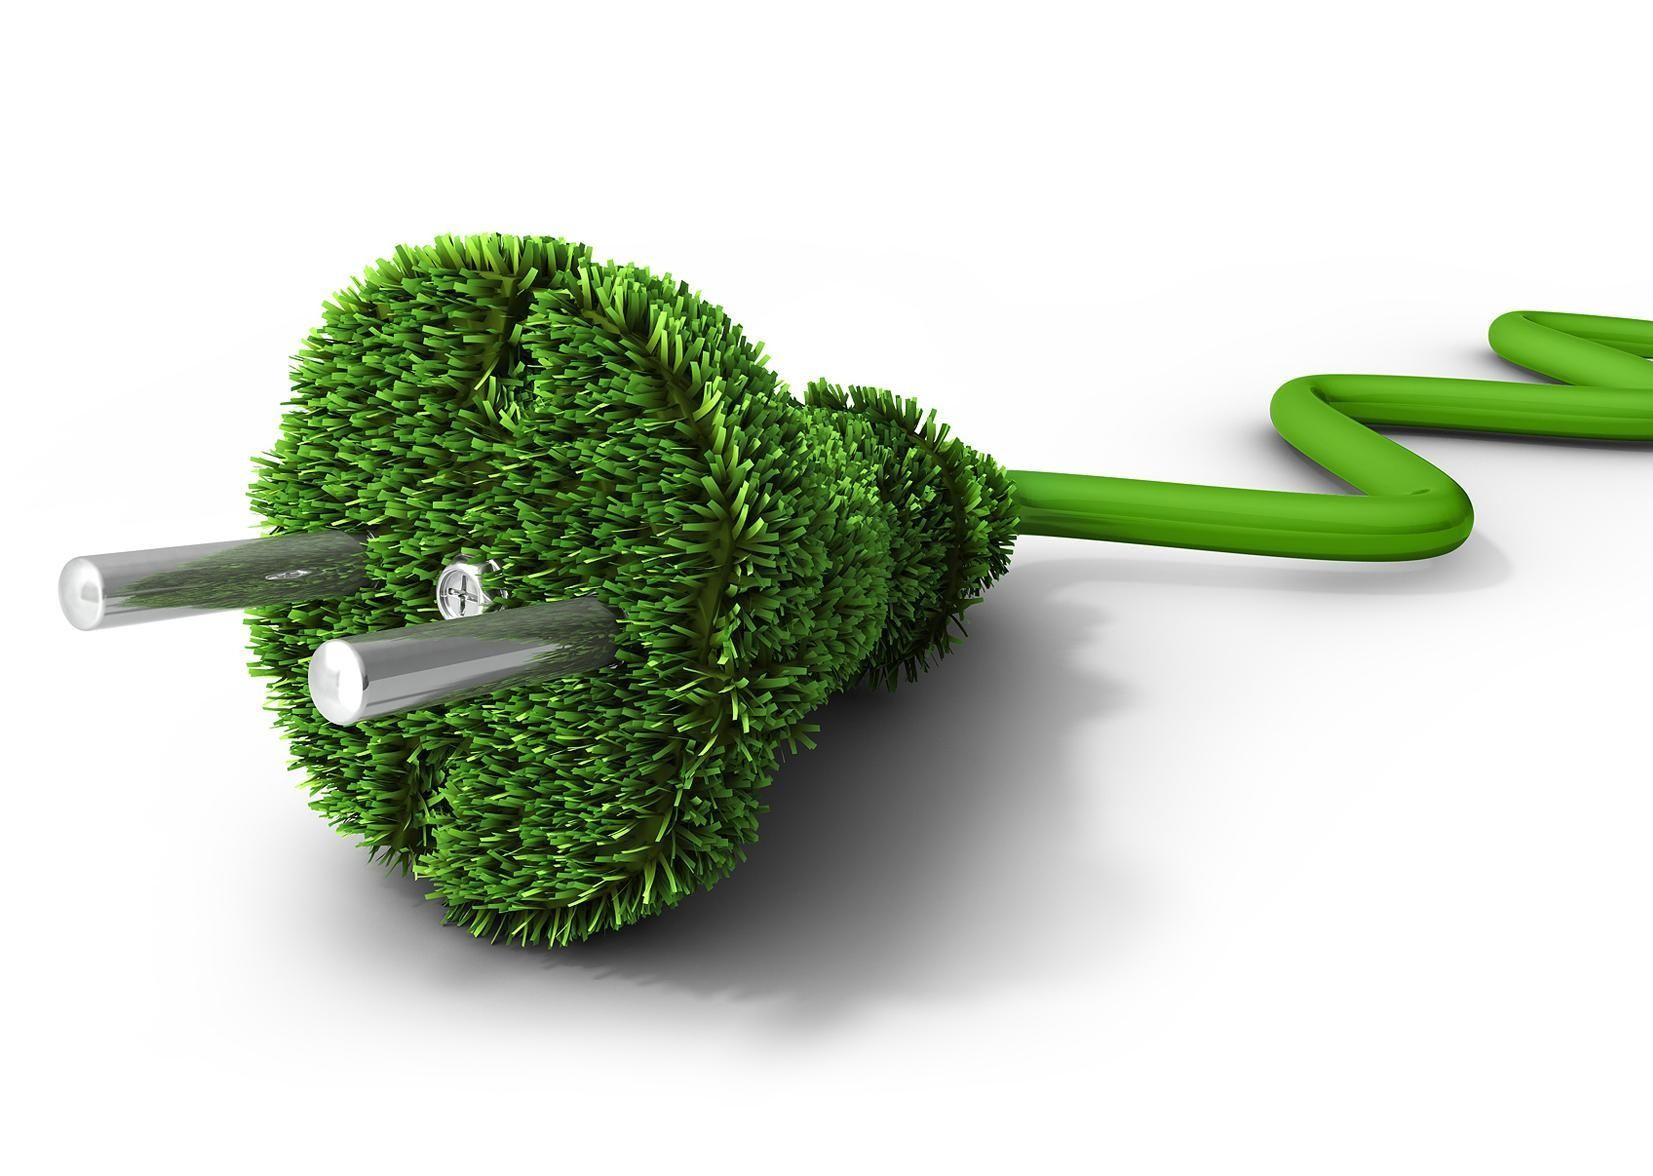 como-ahorrar-energia-vivienda